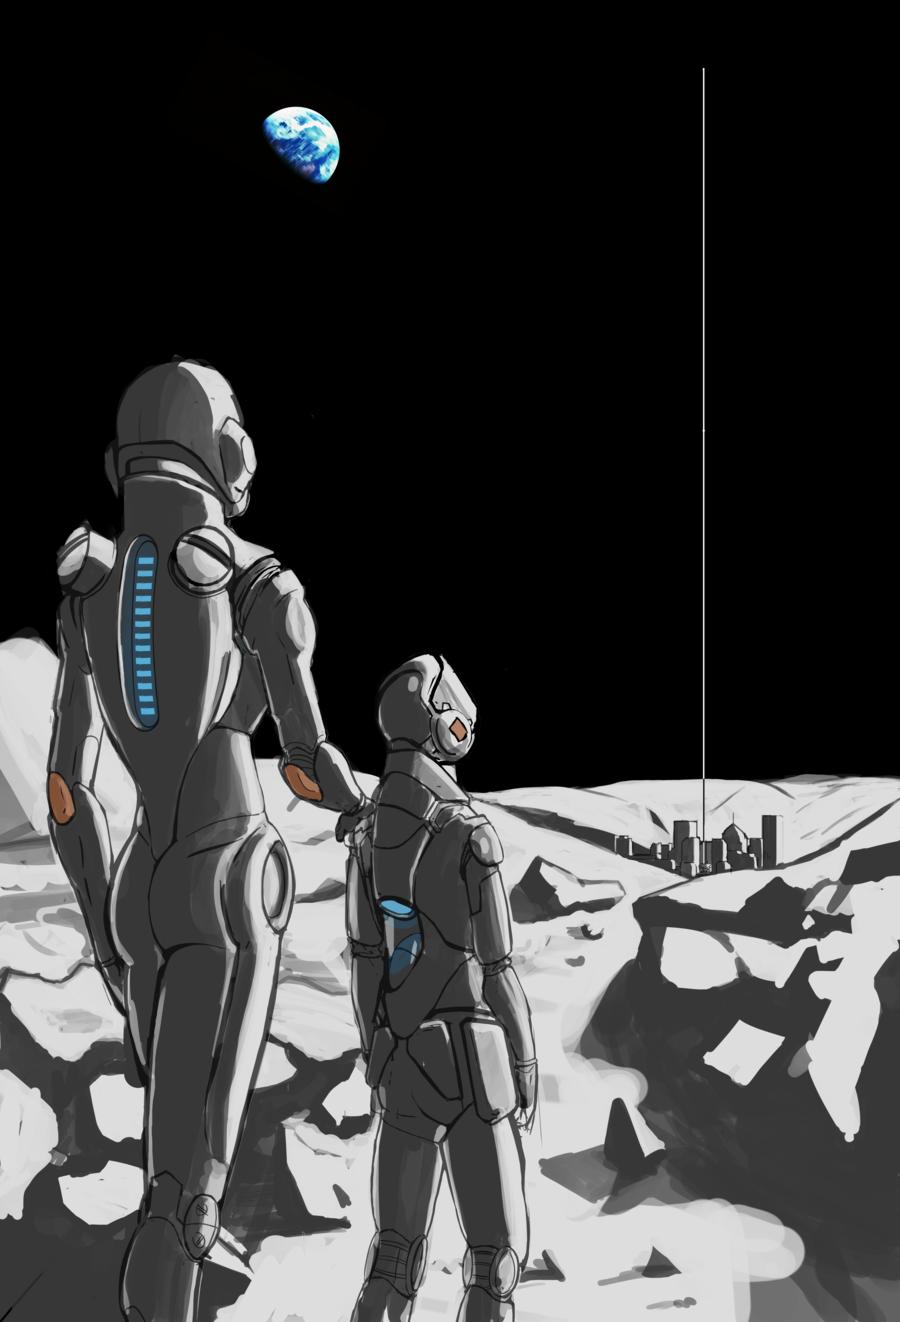 Most recent image: Lunar Space Elevator